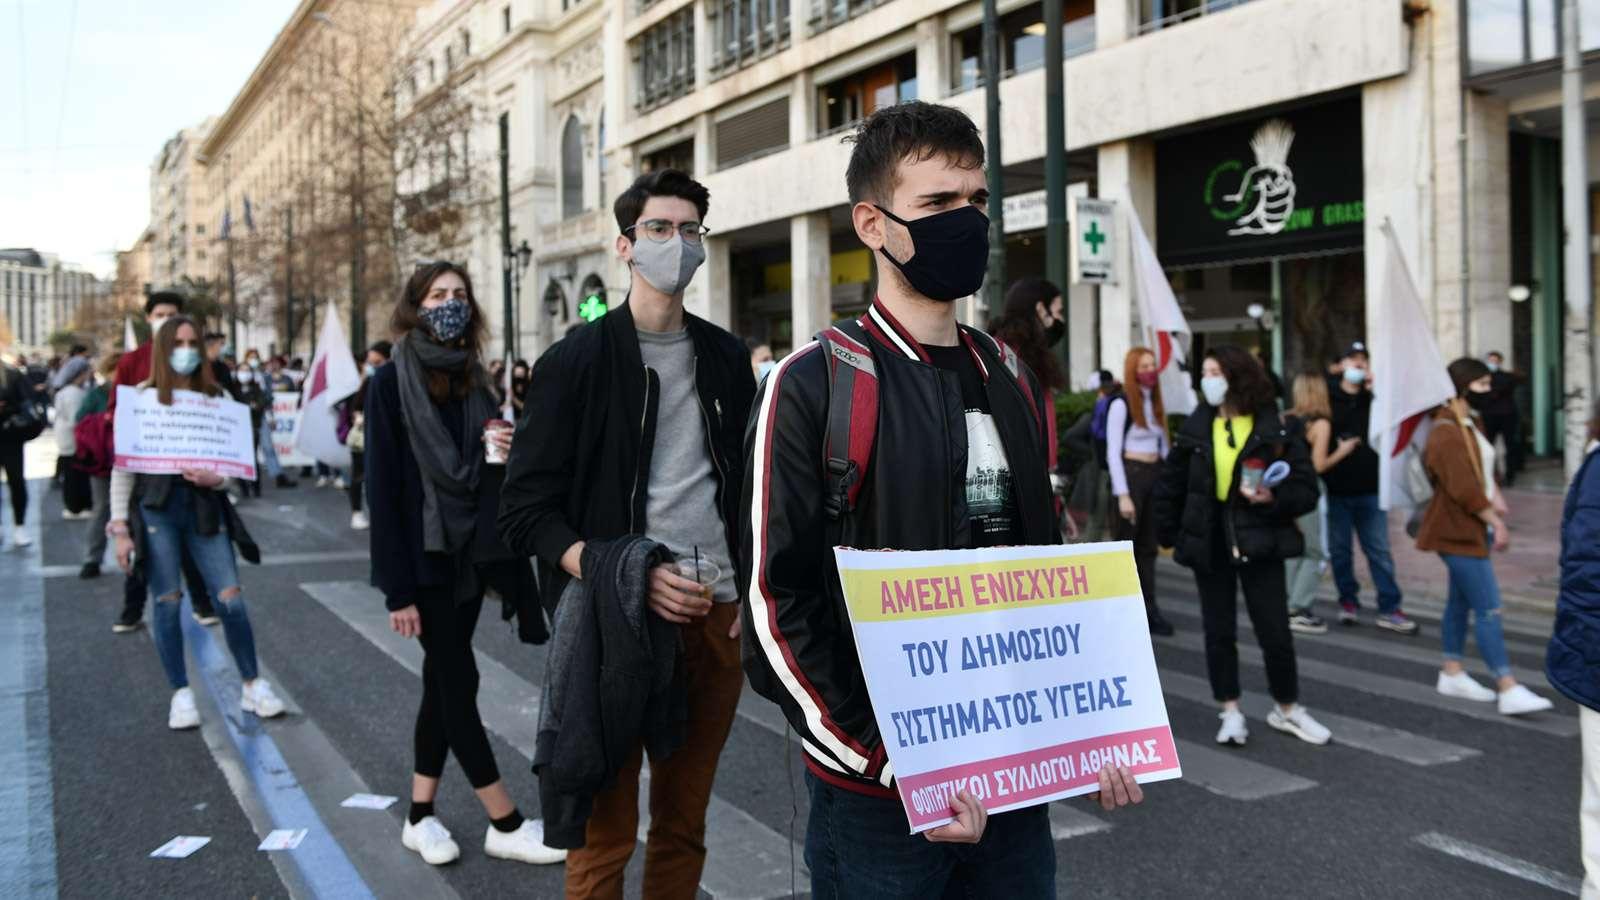 Συλλαλητήρια κατά του νομοσχεδίου της καταστολής και των φραγμών